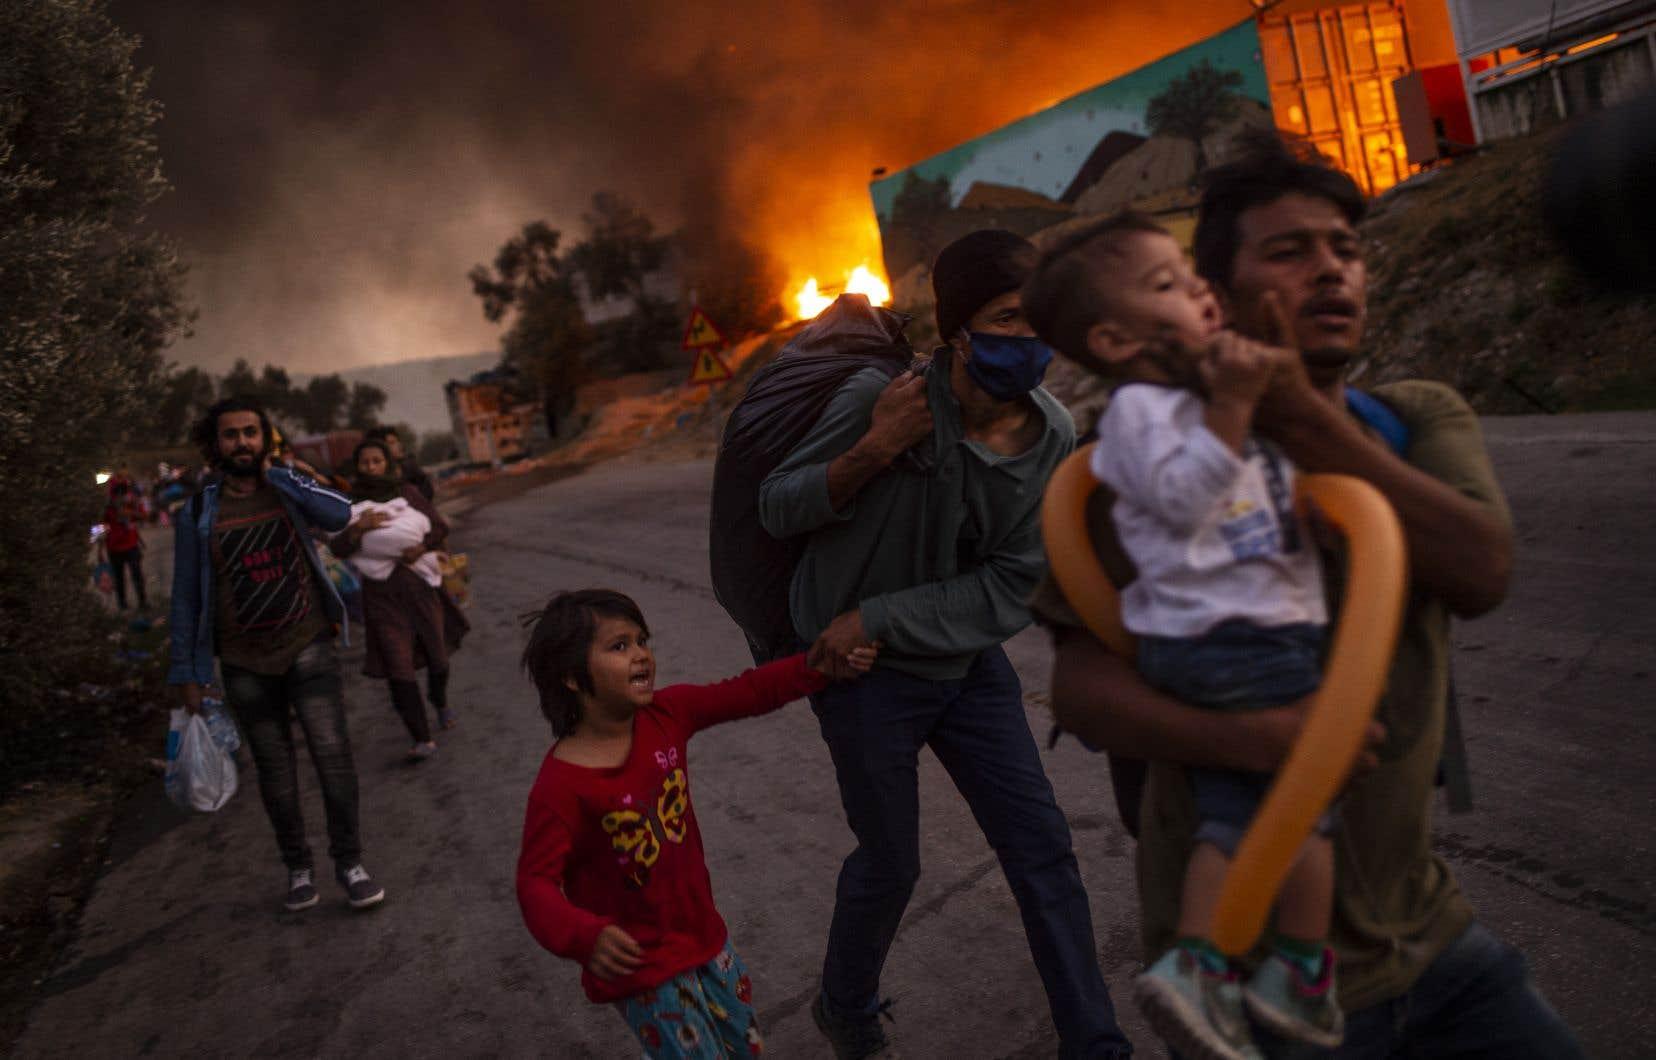 «Nous devons trouver des solutions pérennes sur la migration», a plaidé la présidente de la Commission européenne, Ursula von der Leyen, soulignant que l'incendie du camp grec de Moria était «un rappel brutal».